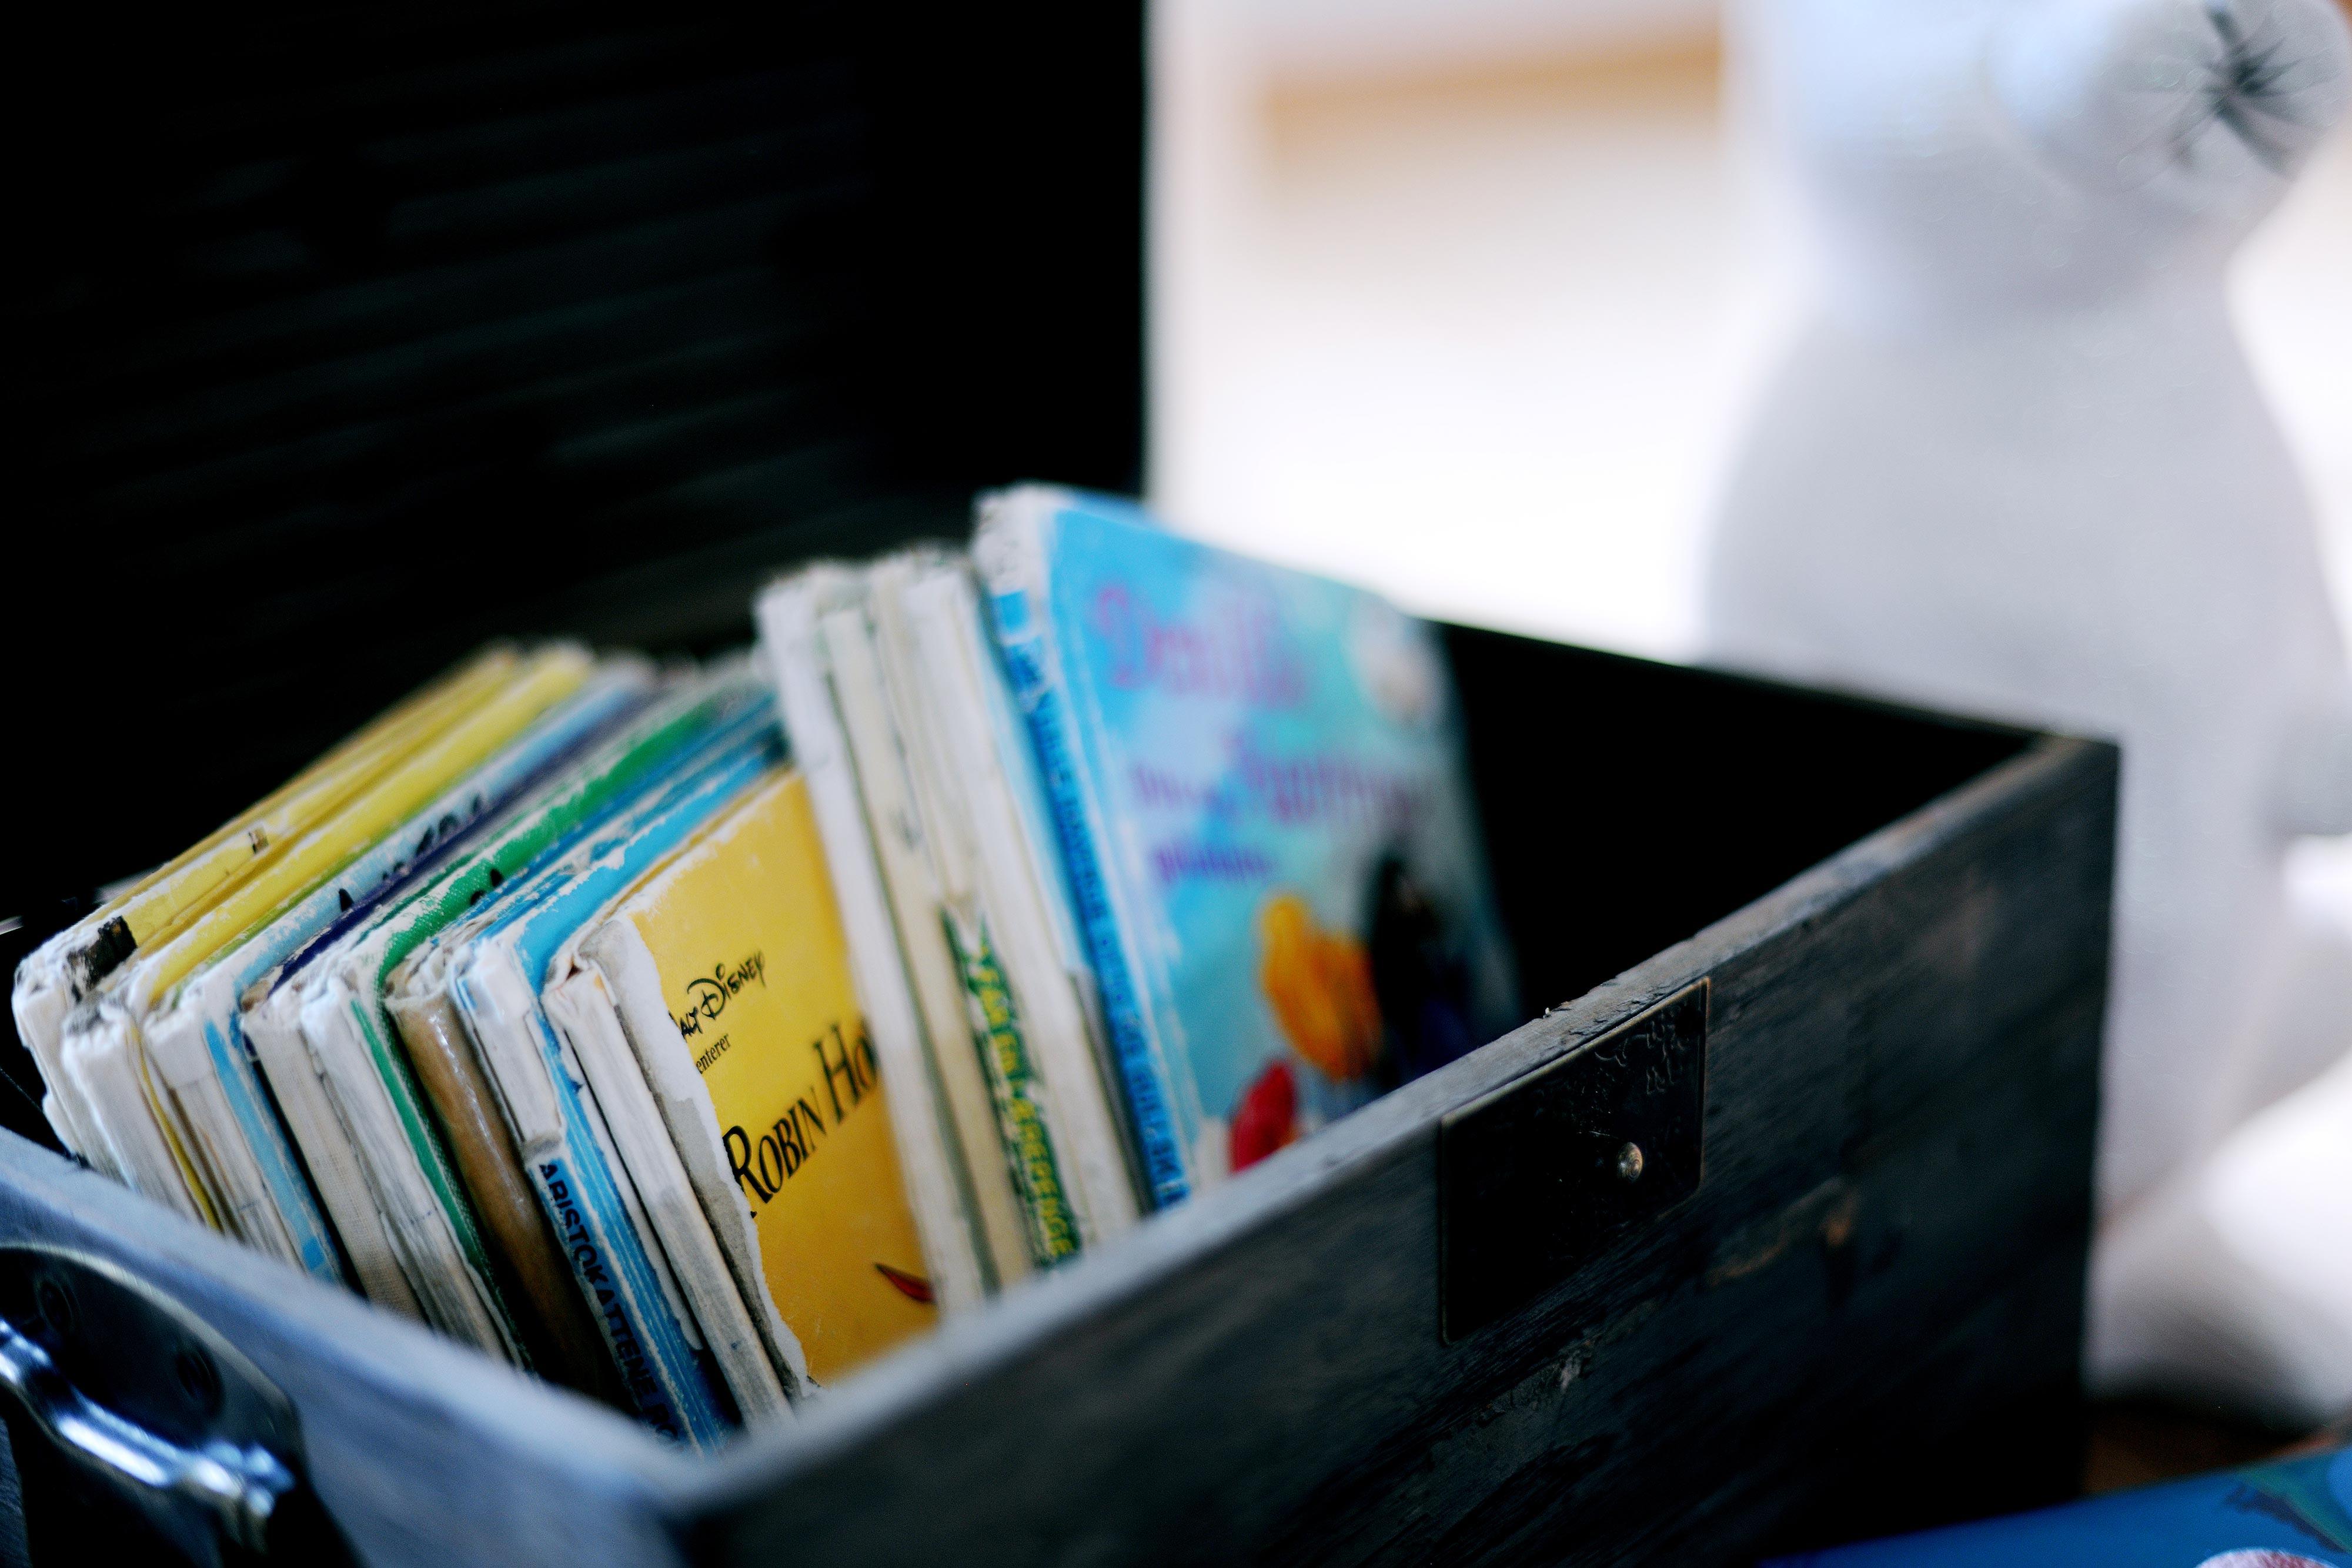 Vad är normal hållbarhet för en bok?